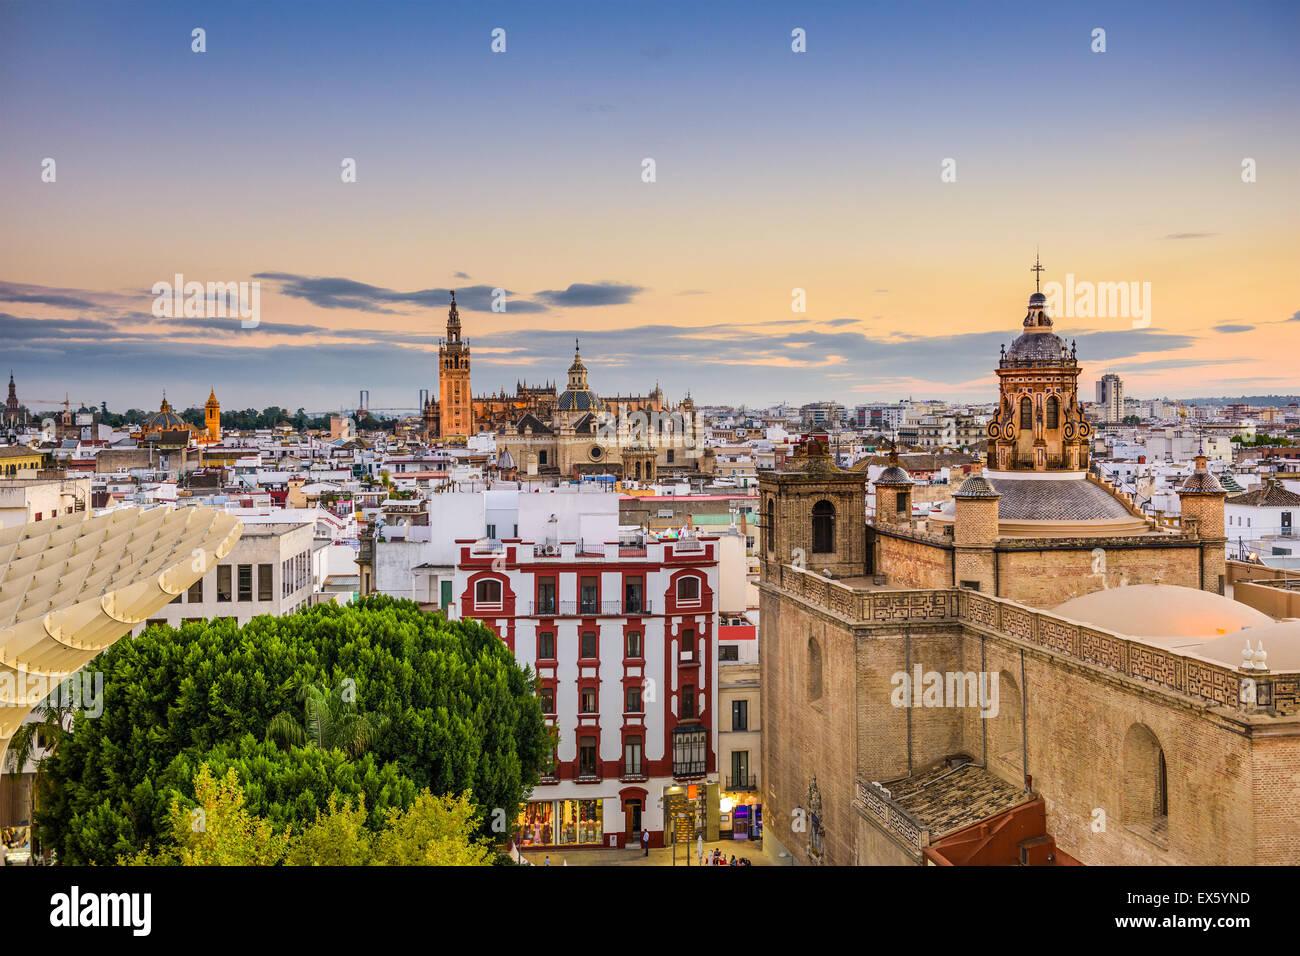 Siviglia, Spagna città vecchia skyline. Immagini Stock